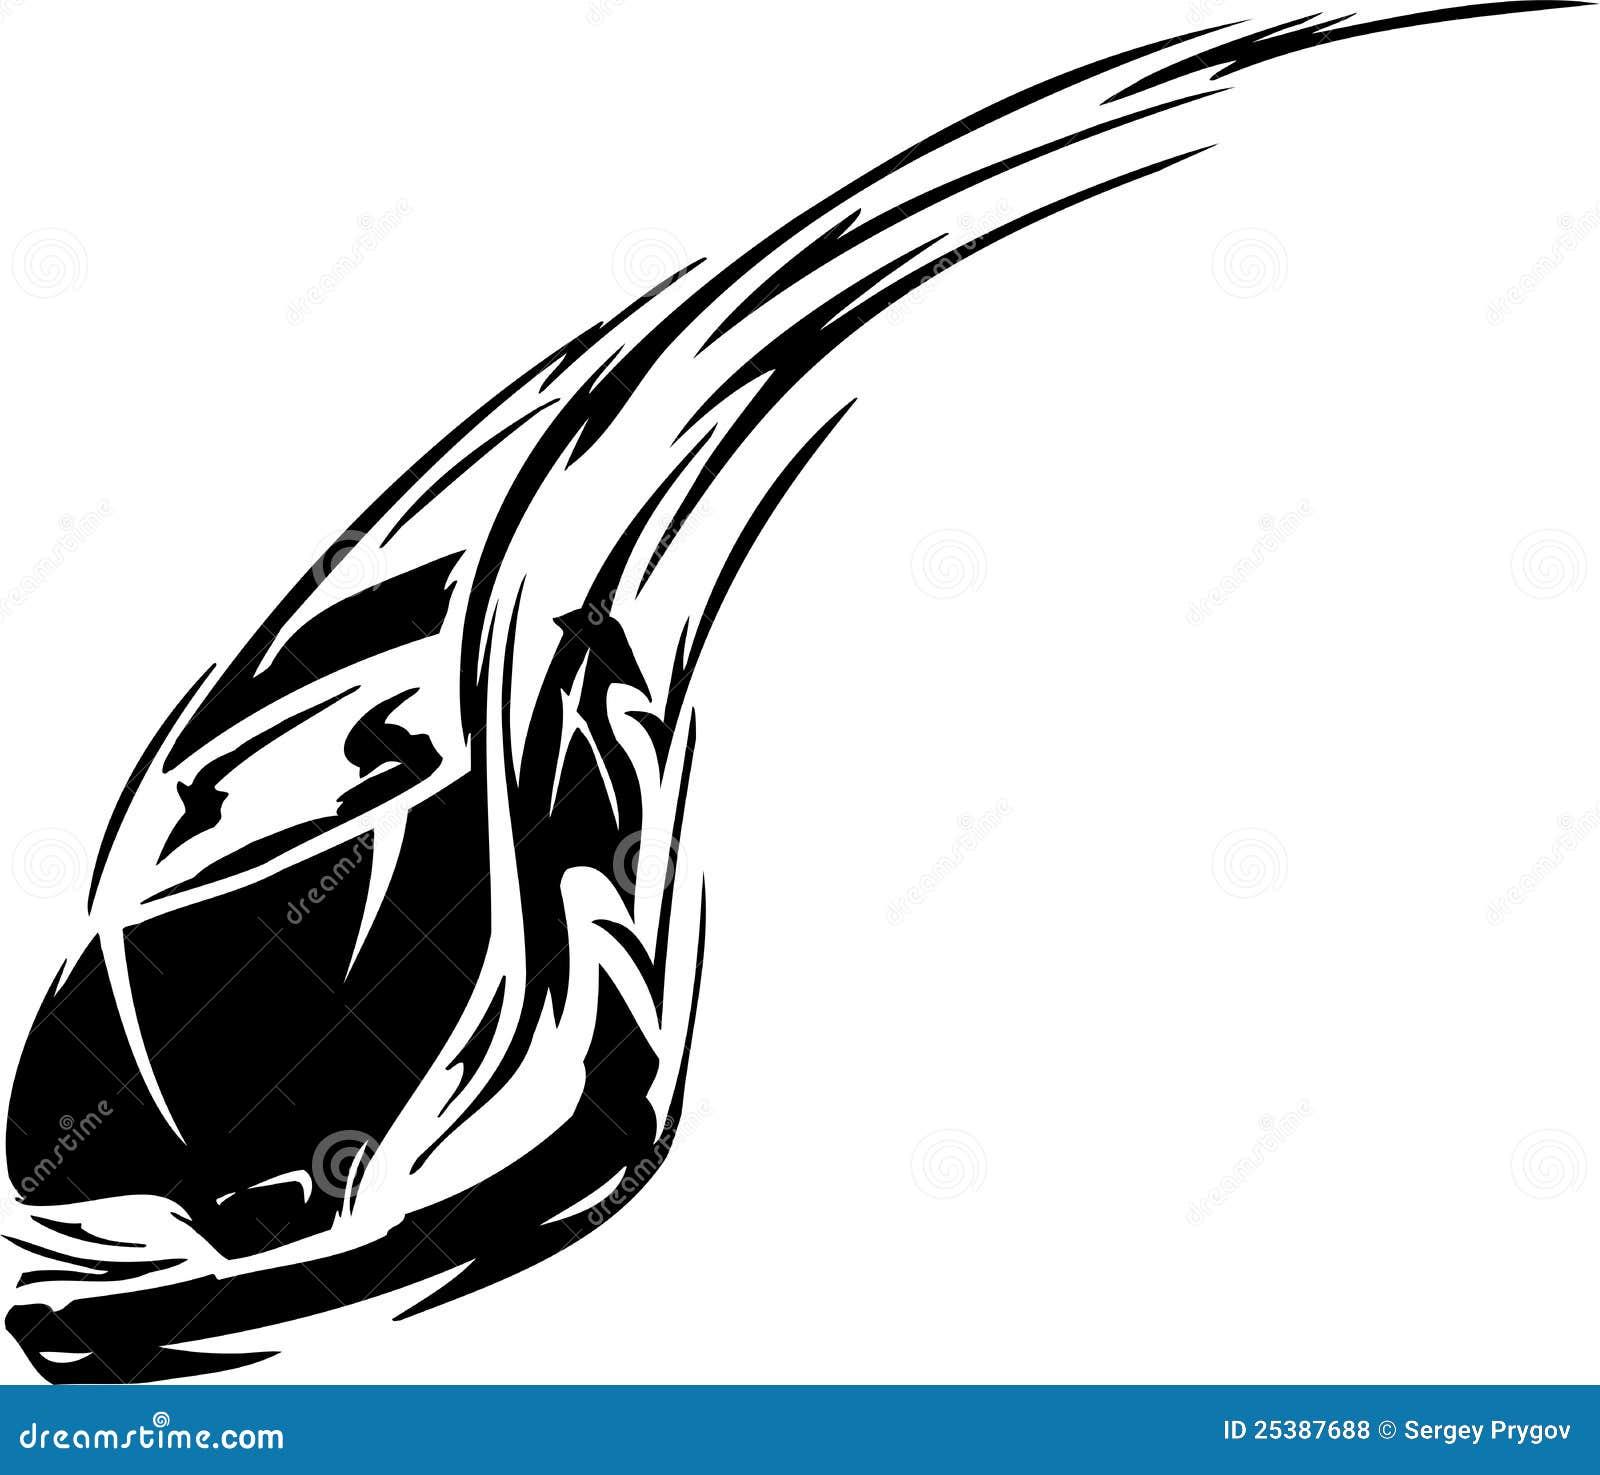 Race car - vector illustration  Race Car Logo Vector